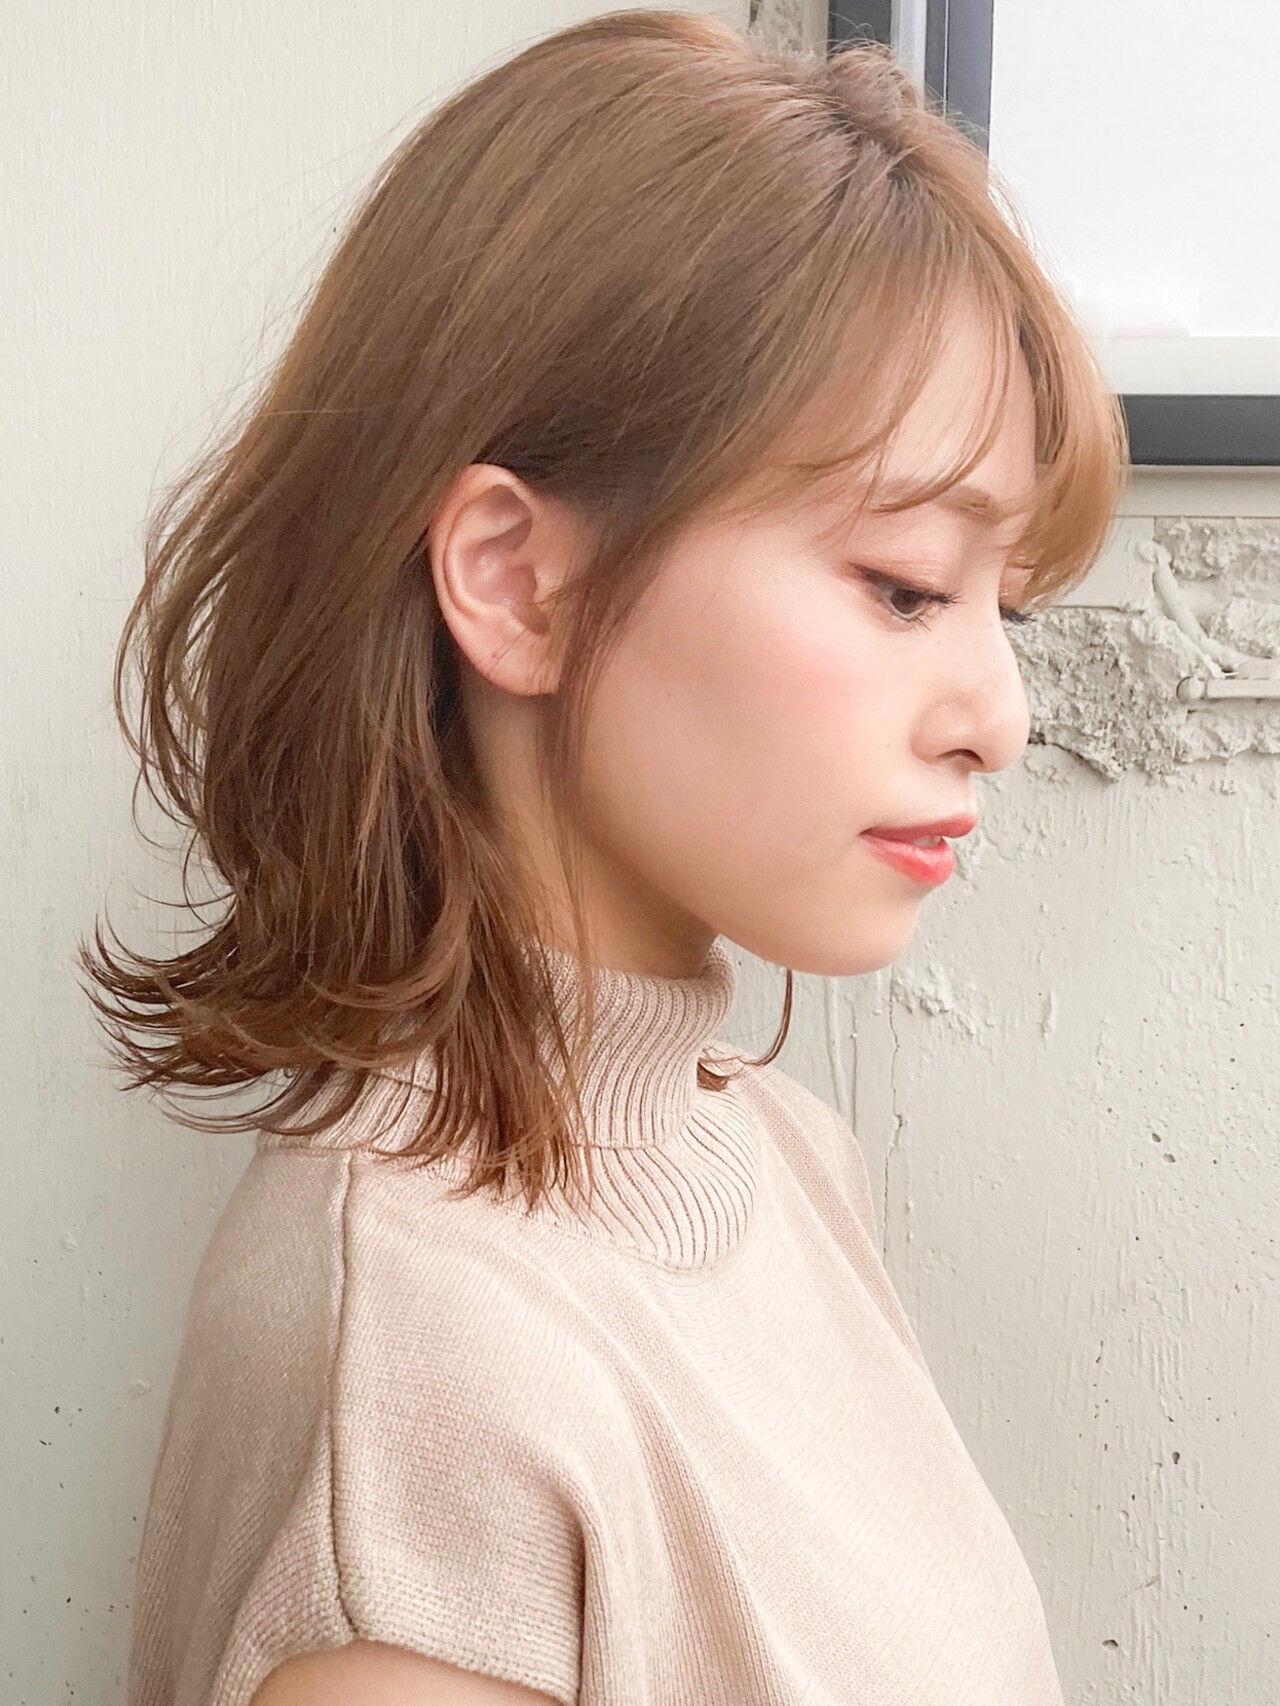 デジタルパーマ コンサバ アンニュイほつれヘア ひし形シルエットヘアスタイルや髪型の写真・画像